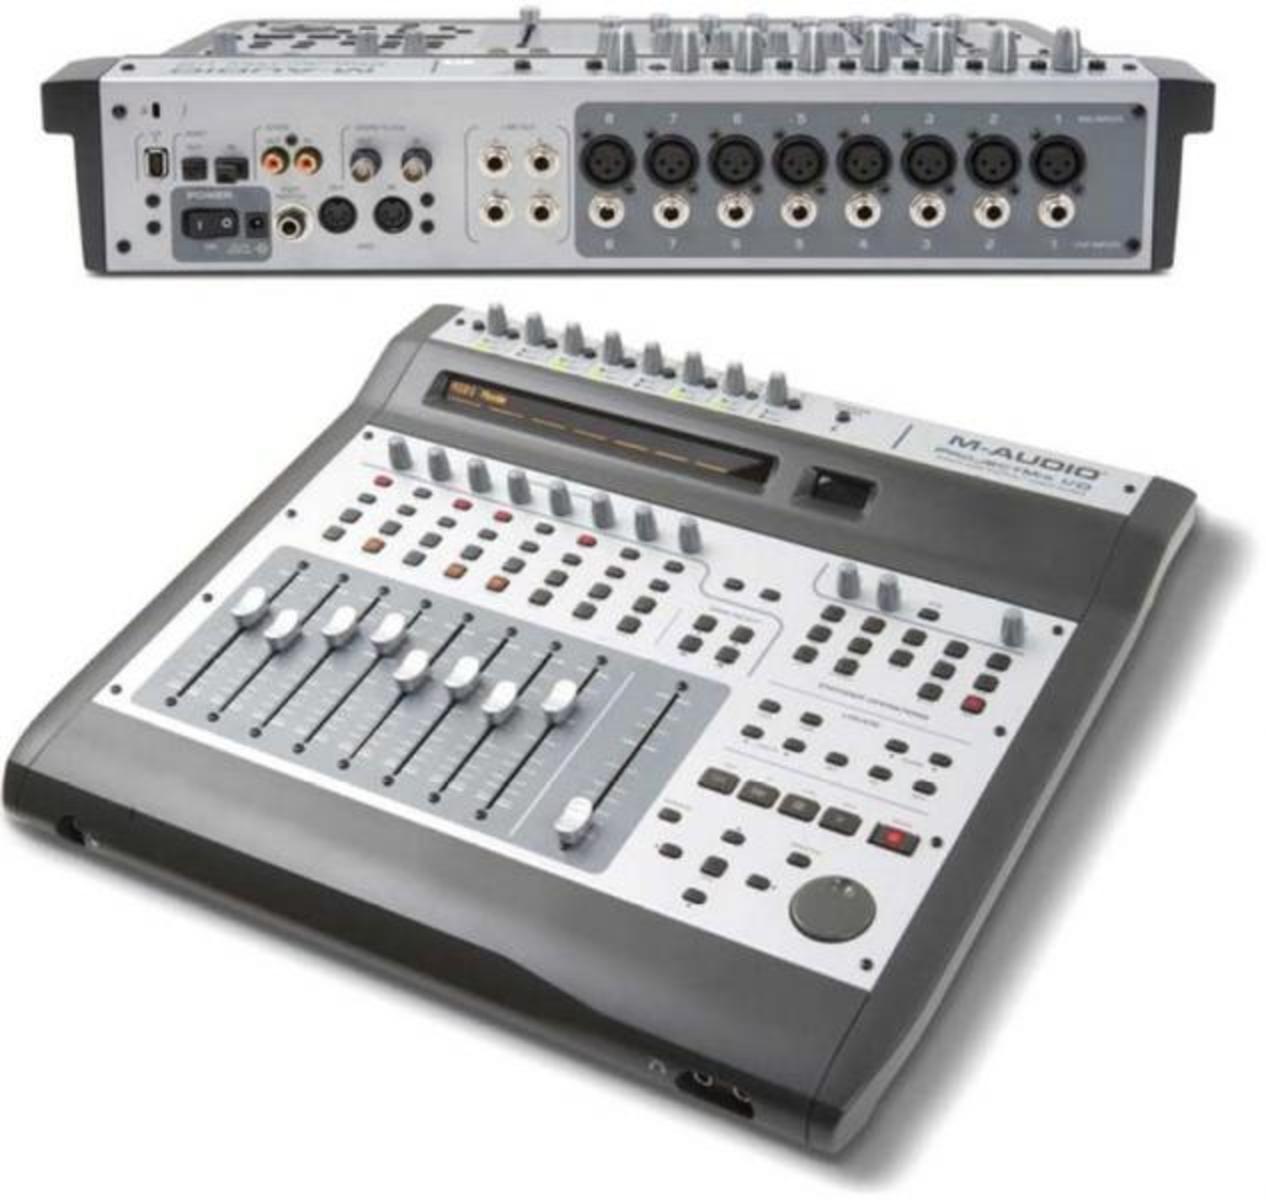 m audio projectmix i o image 1516076 audiofanzine rh en audiofanzine com m-audio projectmix i/o user manual M-Audio Project Mix Manual